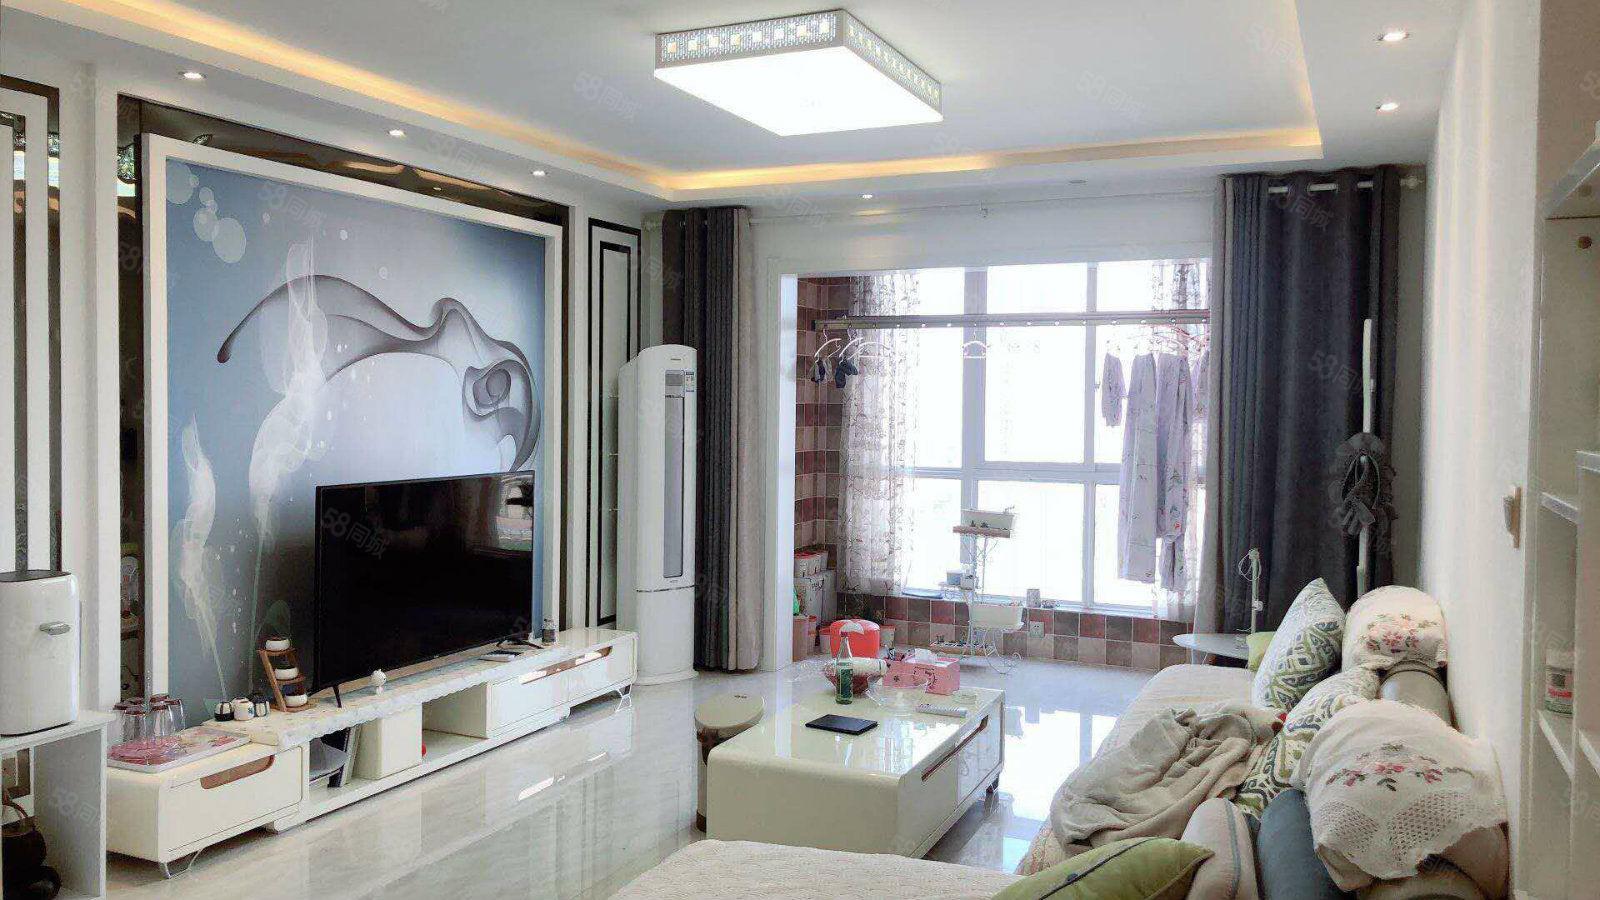 市中心陕工职院旁锦丽花语新房新装修婚房单价7300白菜价